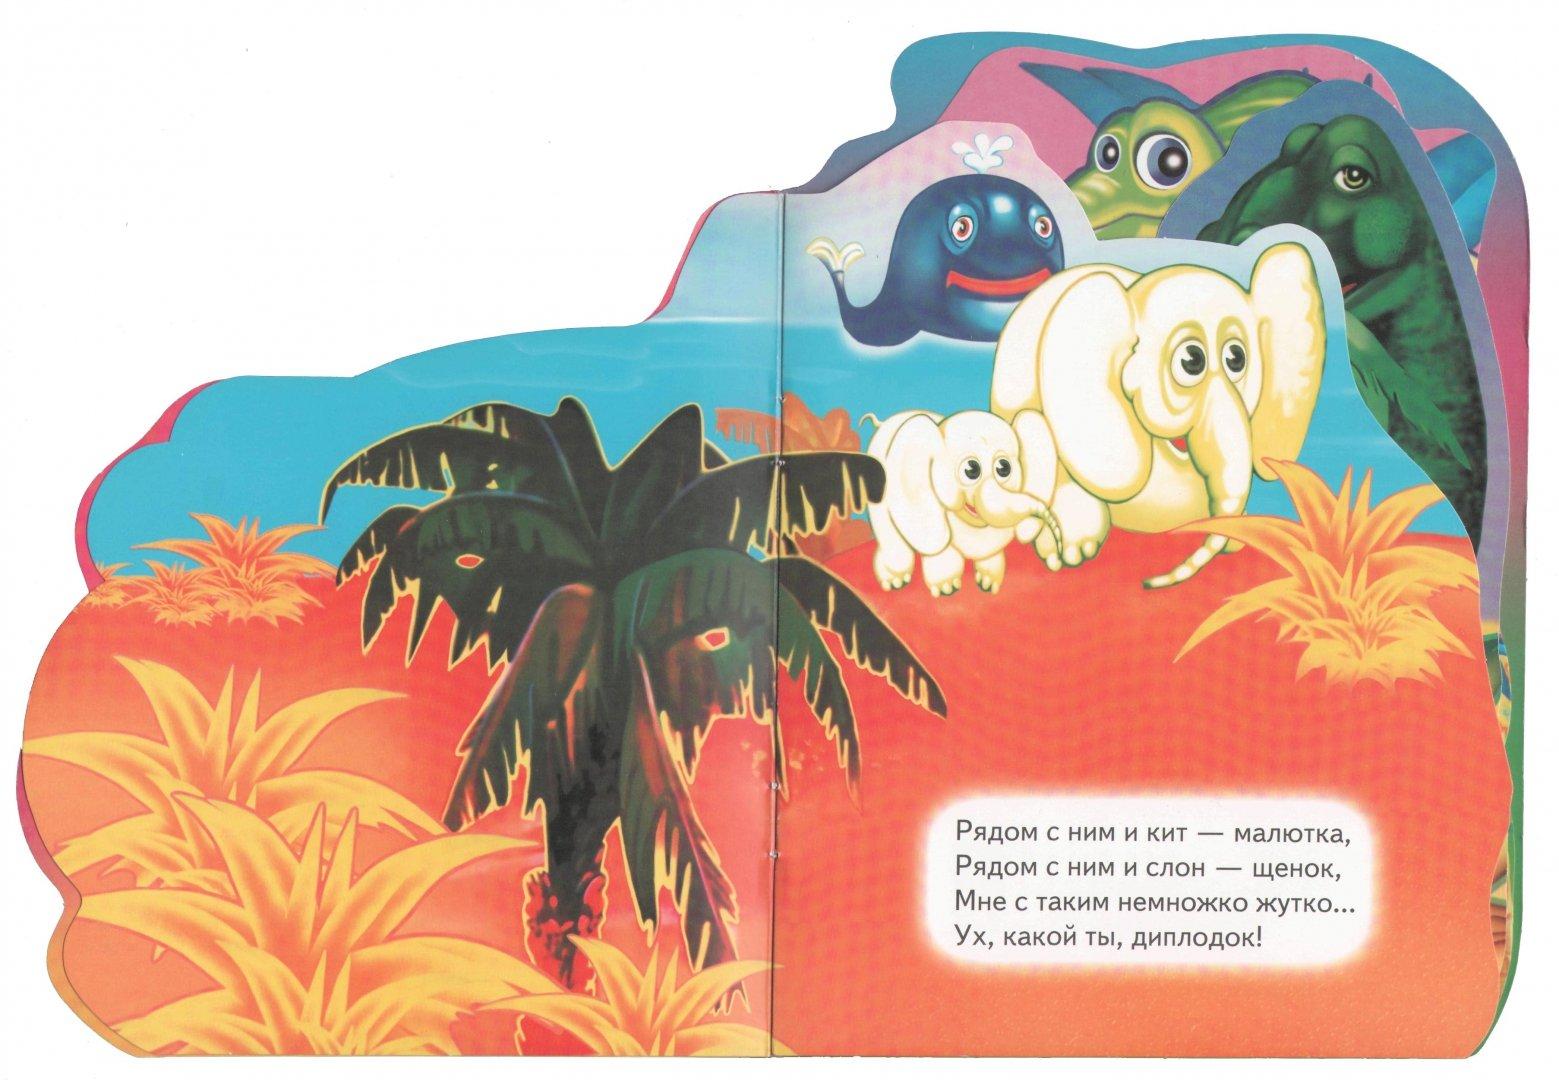 Иллюстрация 1 из 17 для Мой диплодок - Игорь Куберский | Лабиринт - книги. Источник: Лабиринт